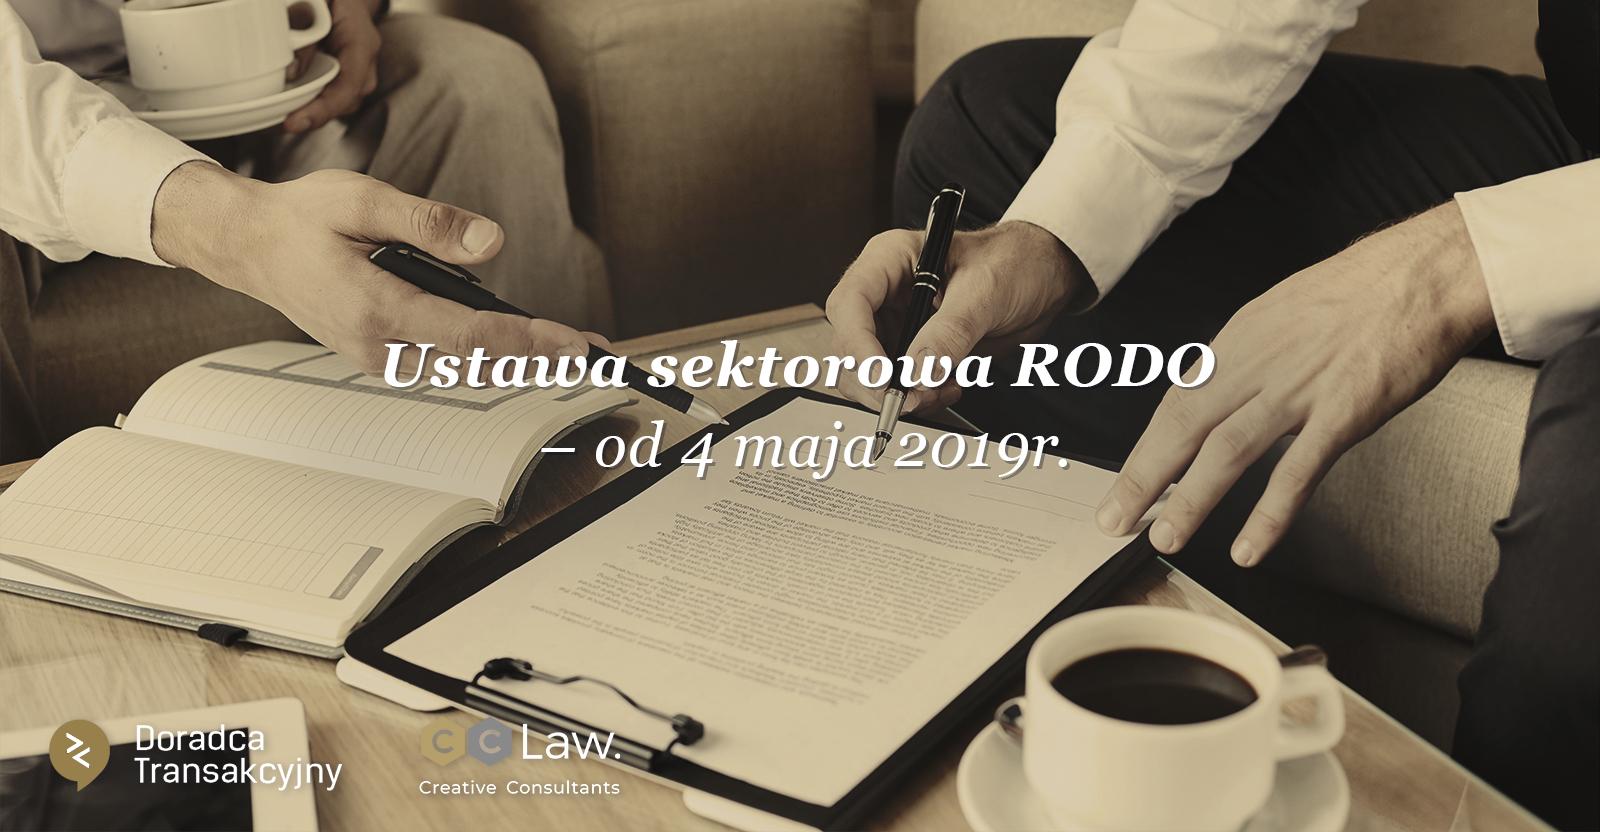 maj_ustawa_sektorowa